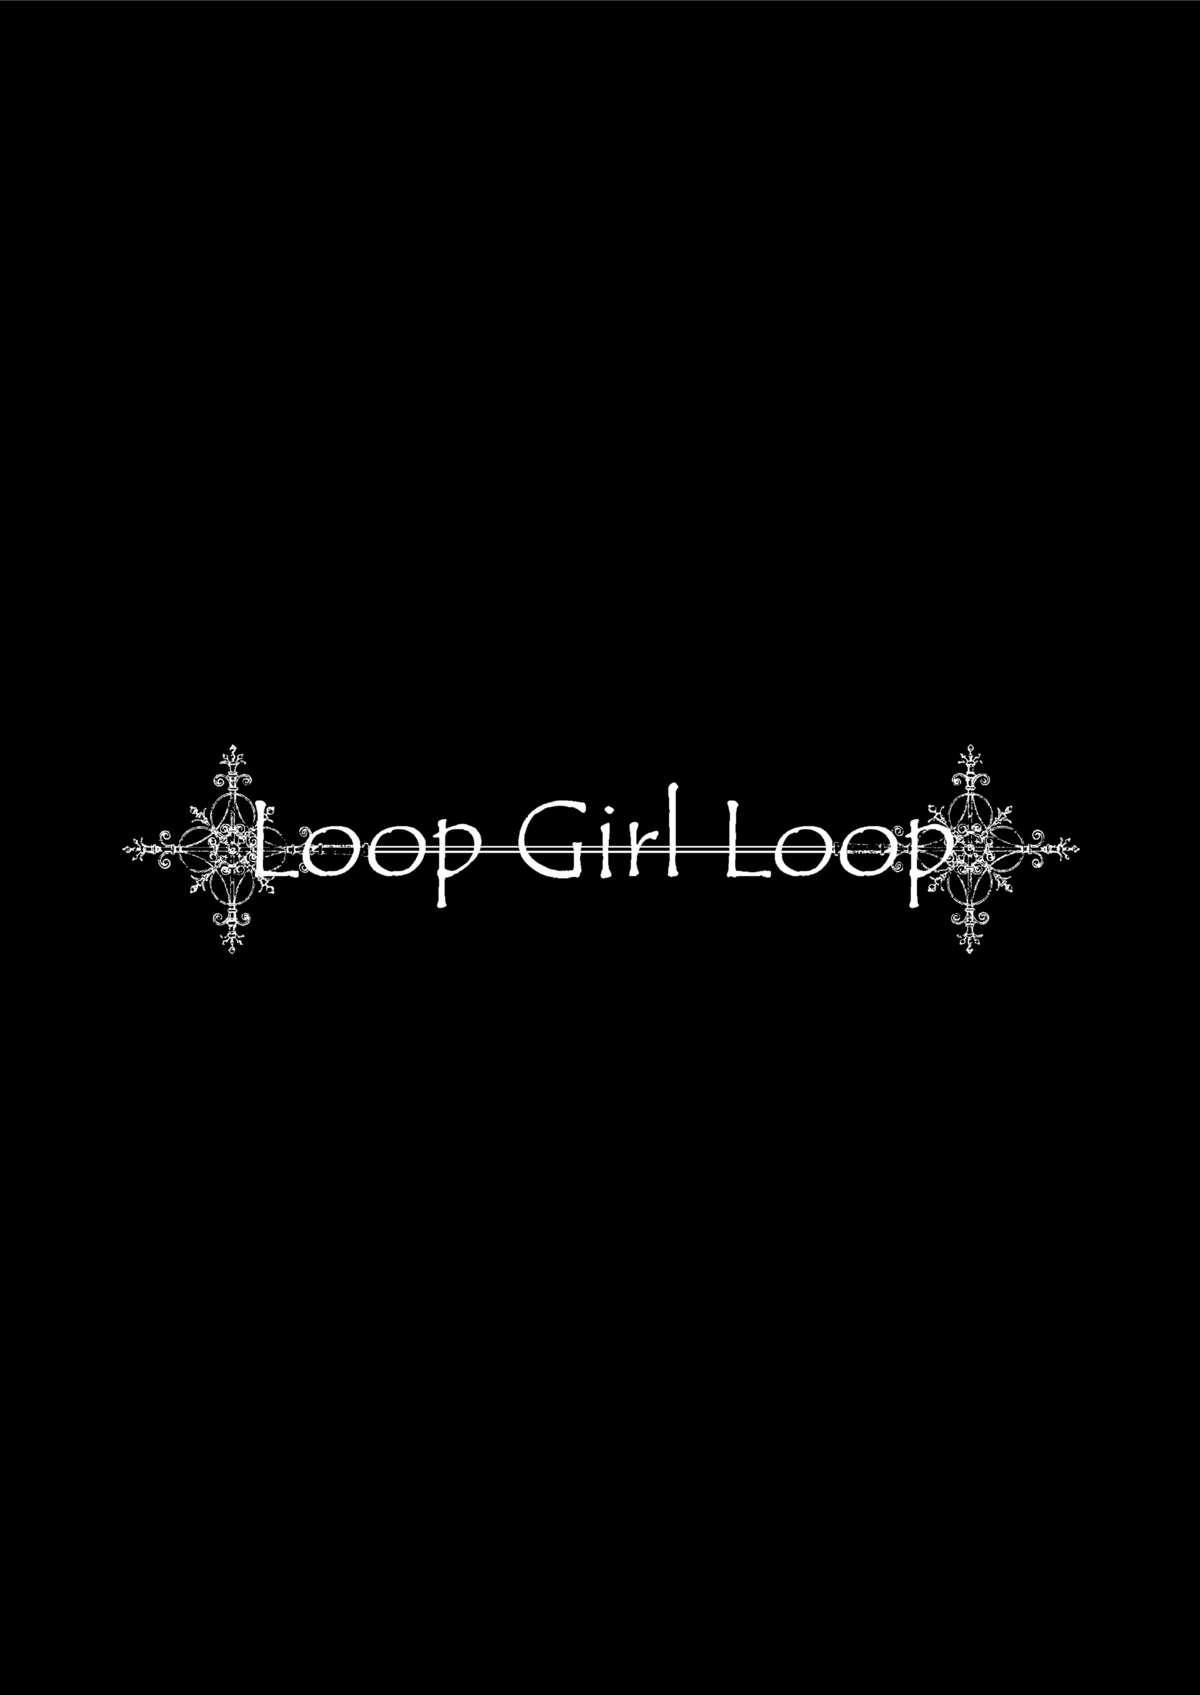 LOOP GIRL LOOP 2